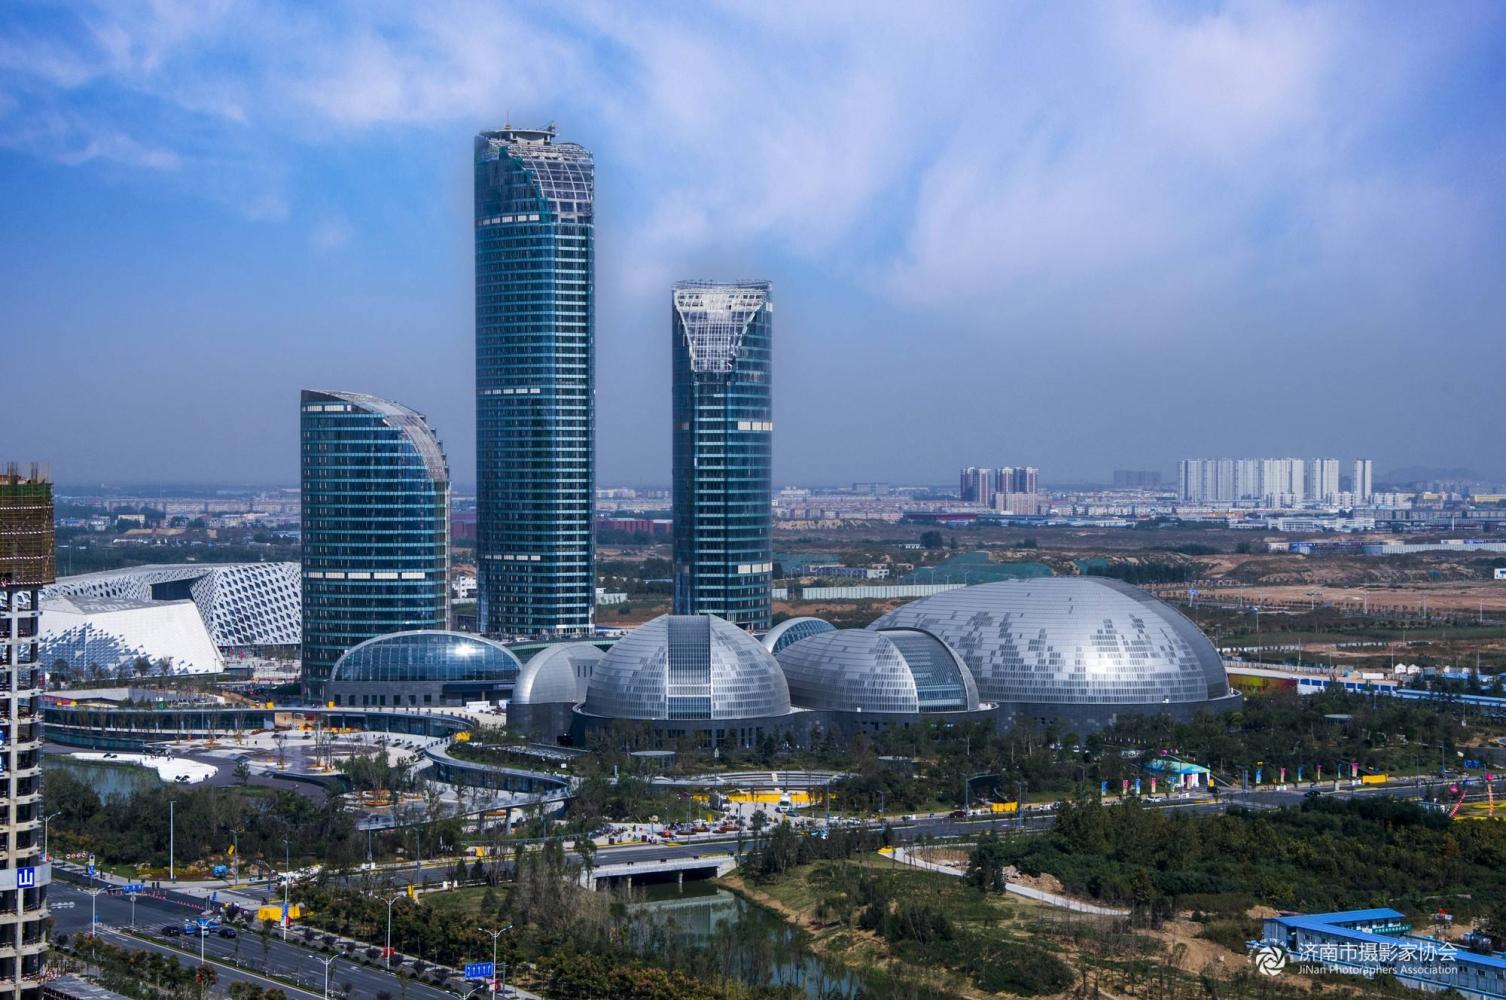 山东每个城市地标建筑,济南泉城广场,烟台蓬莱阁